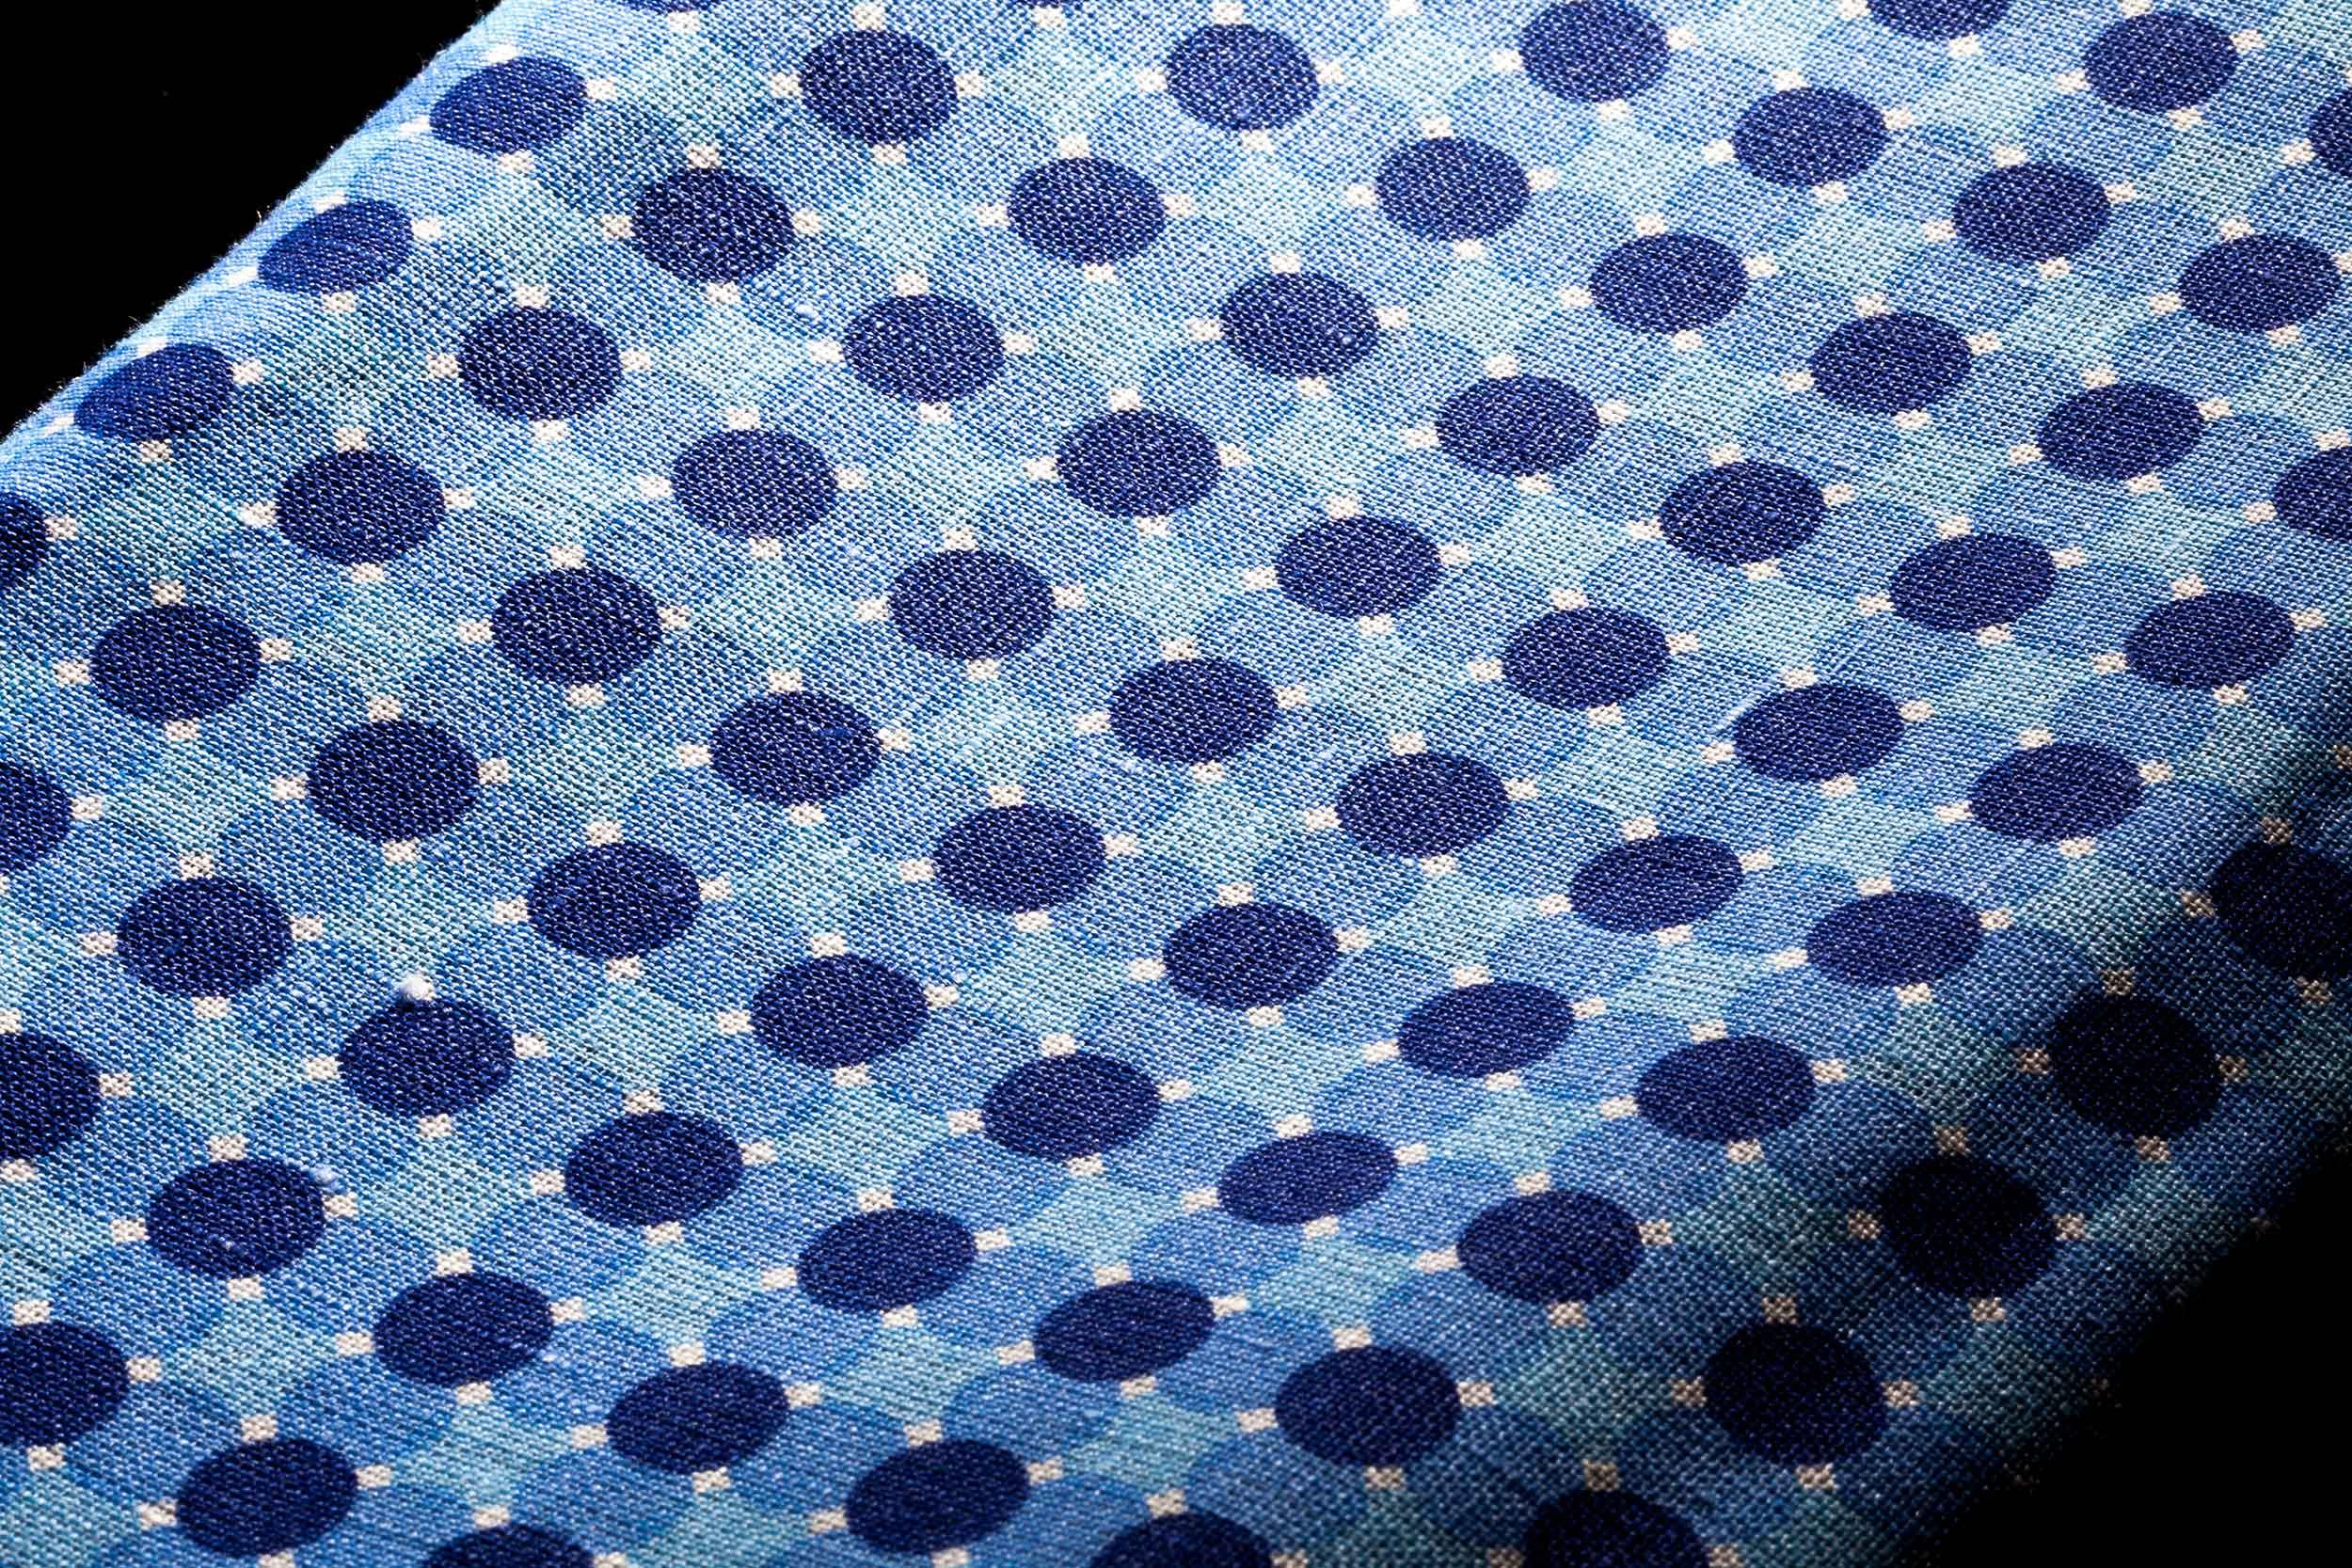 Tessuto italiano per camicia a pois blu Camiceria Smeralda Camerano Ancona